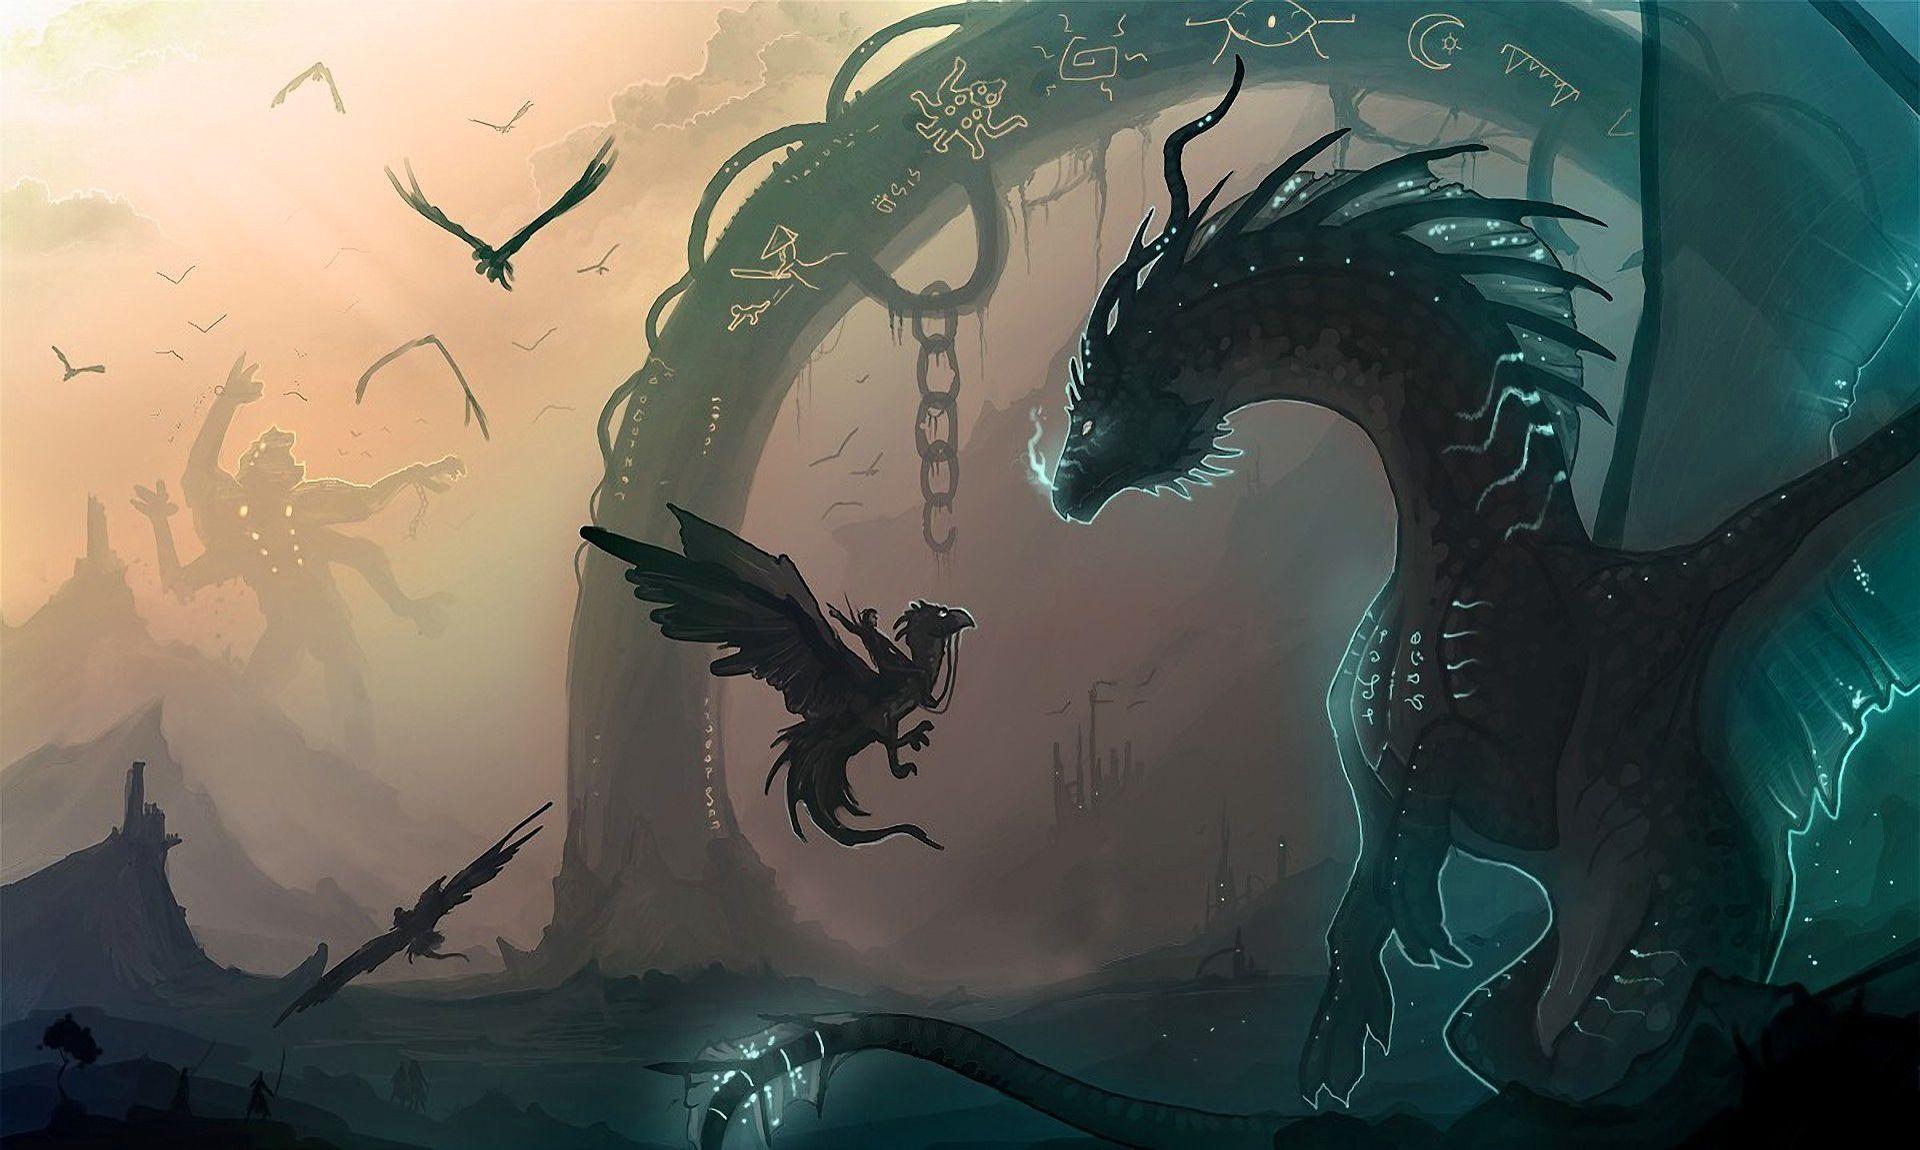 Epic Dragon Wallpaper Dump Album On Imgur Dragon Art Monster Artwork Anime Wallpaper